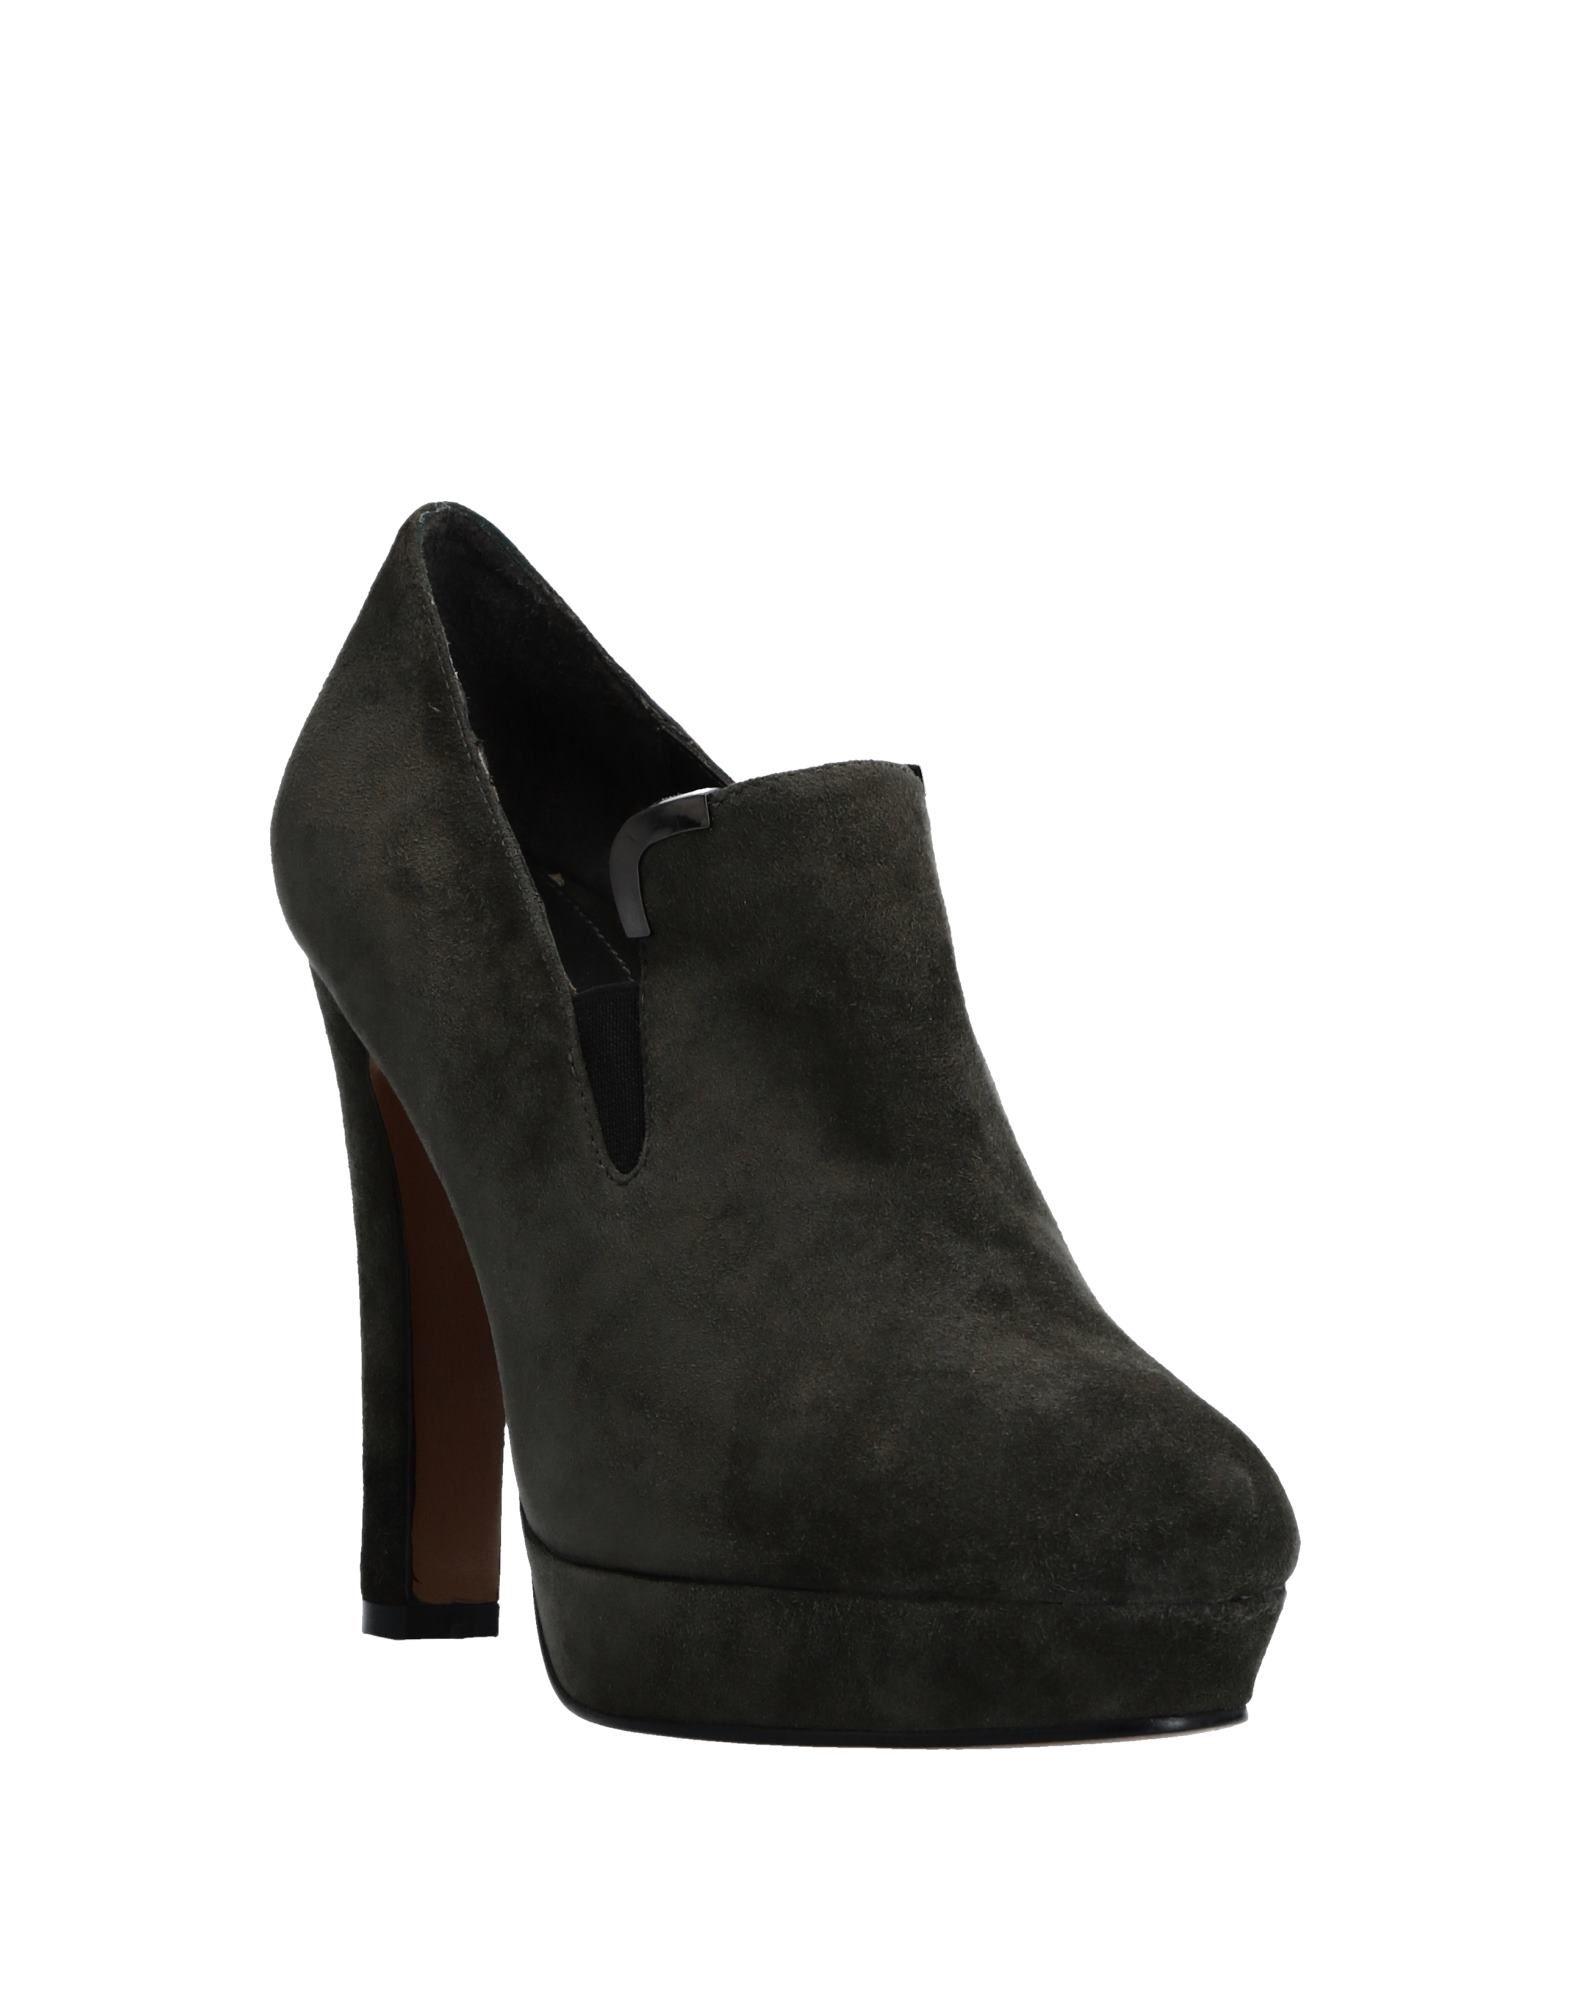 Lola Cruz Mokassins Gute Damen  11527158OK Gute Mokassins Qualität beliebte Schuhe 4d0221